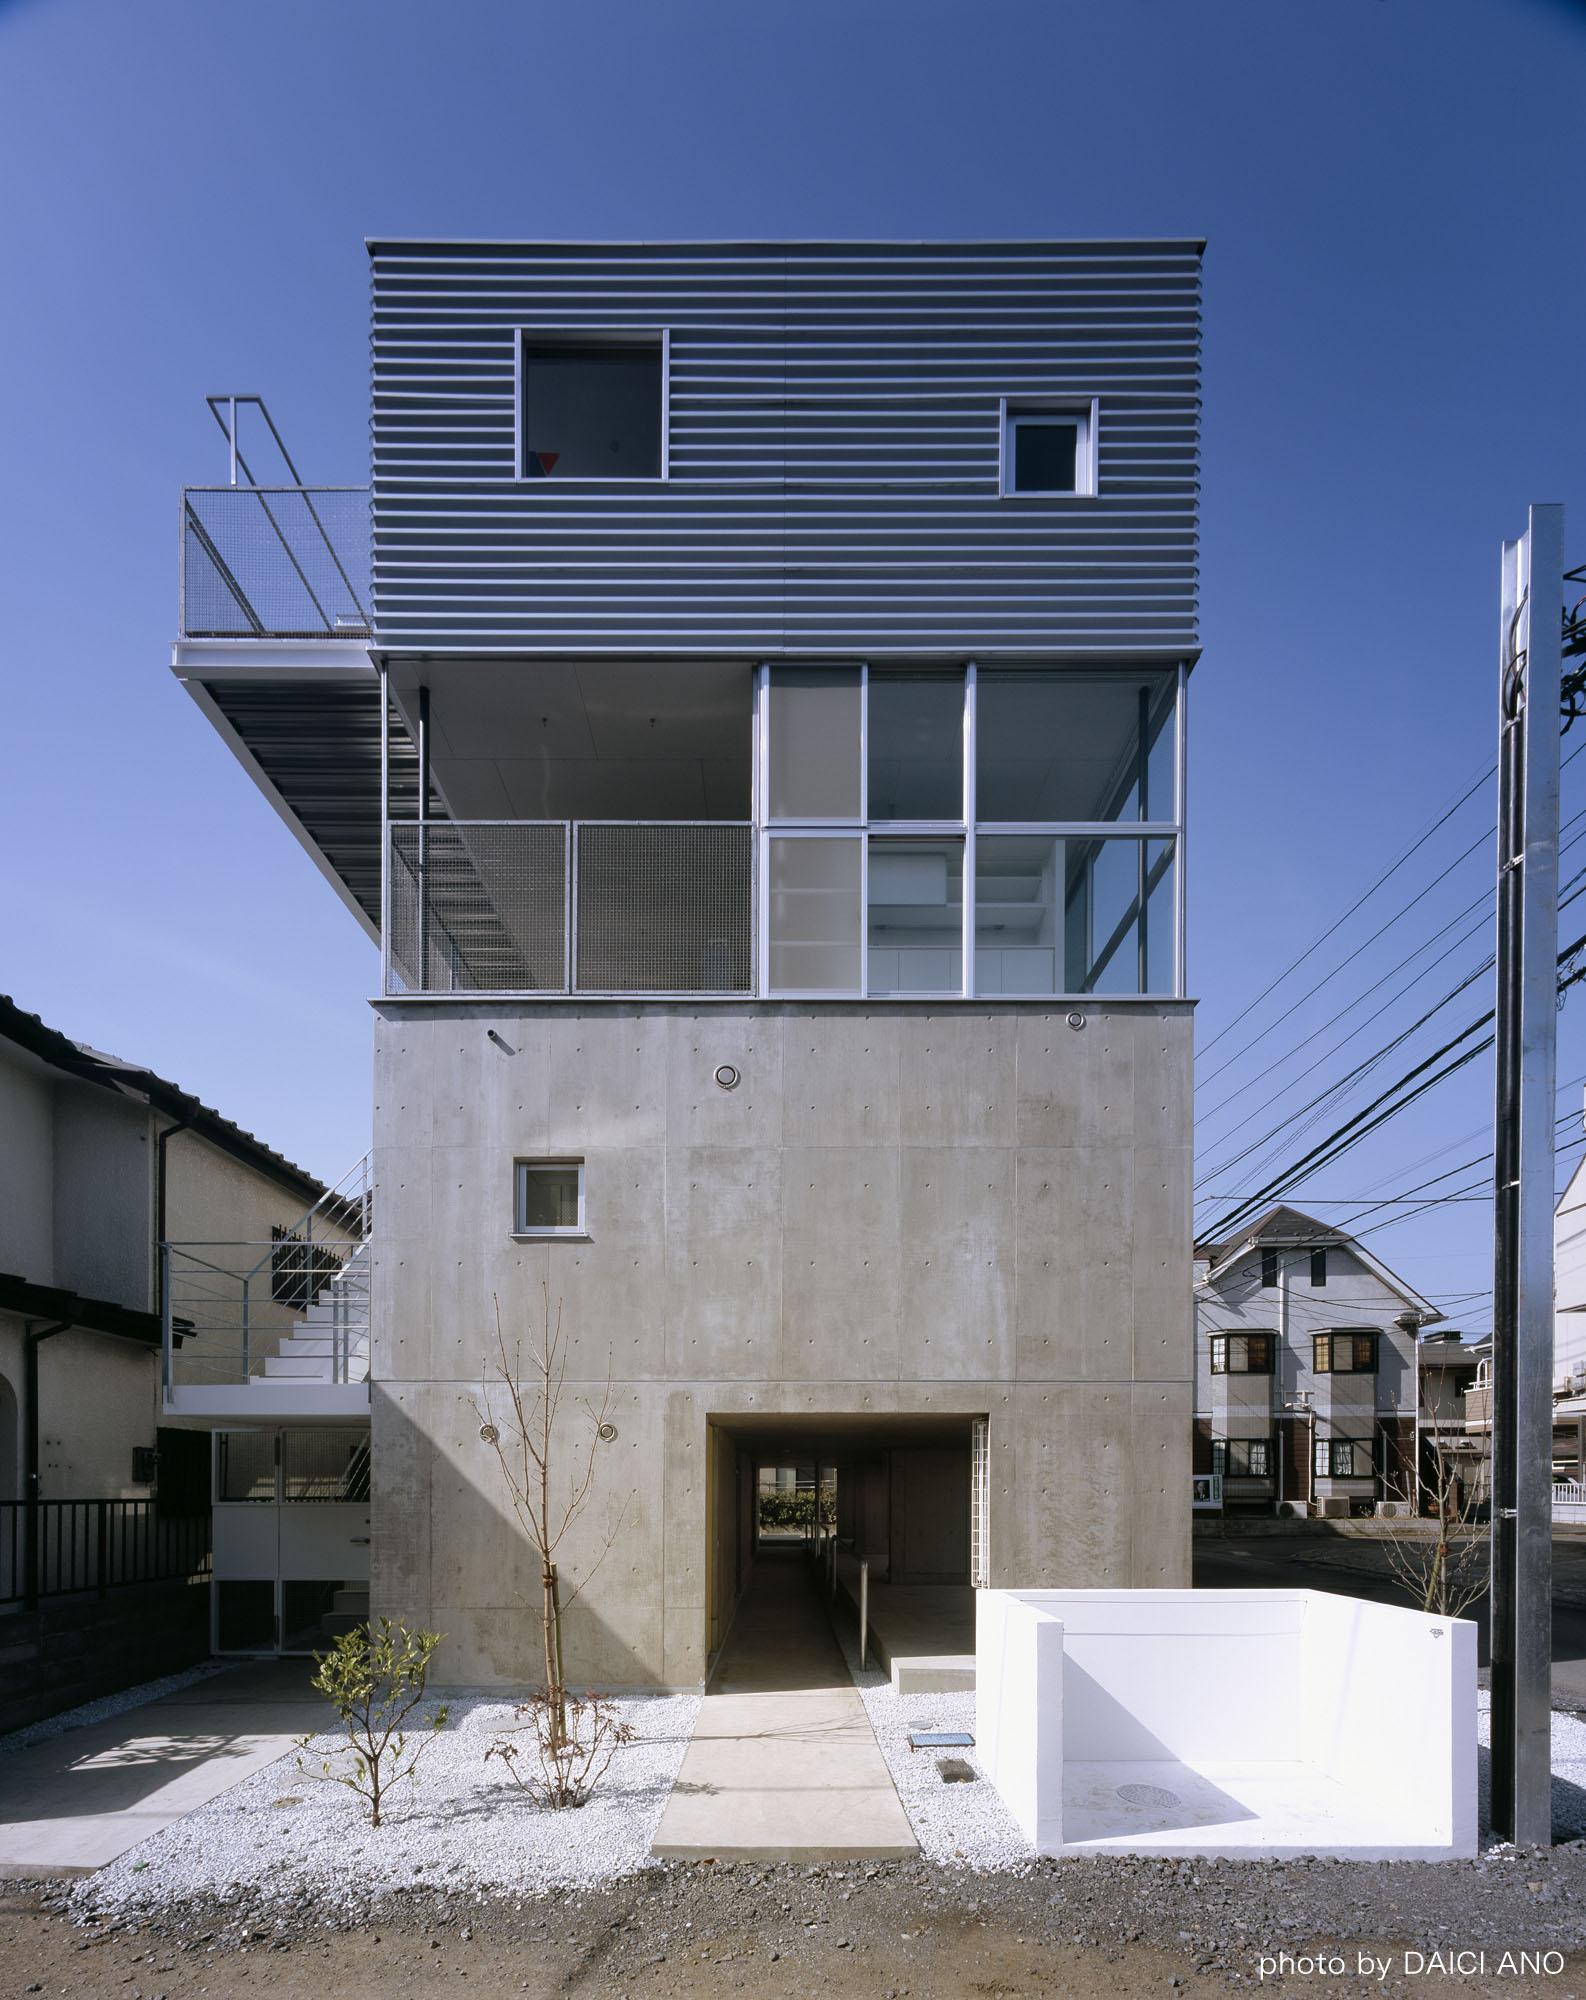 Kobuchi Apartment / Toru Kudo + architecture WORKSHOP, © Daici Ano